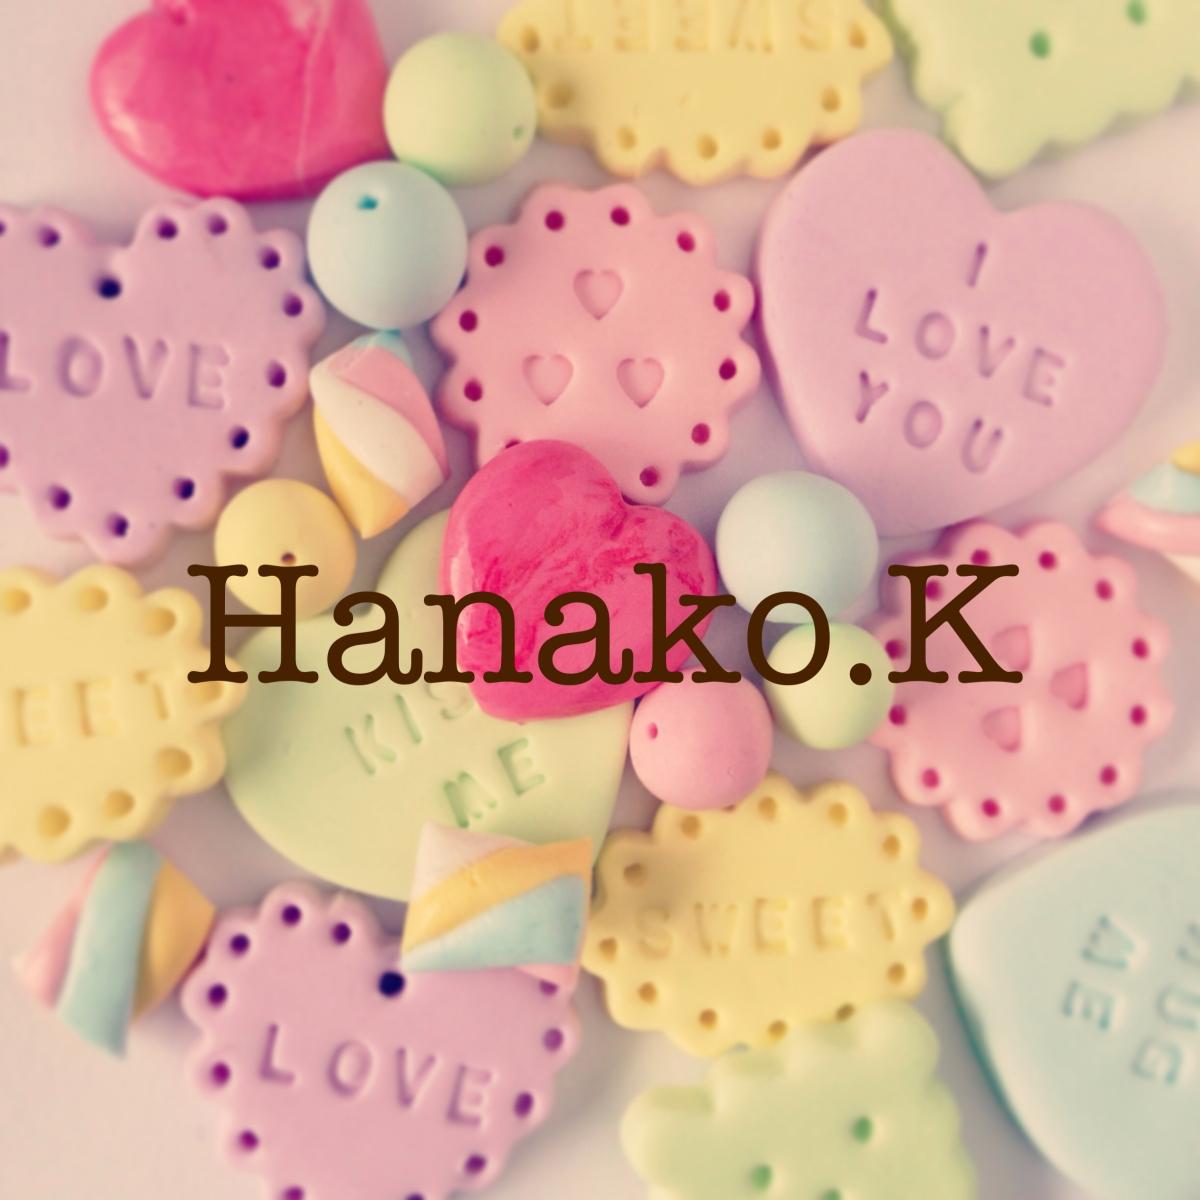 Hanako.K